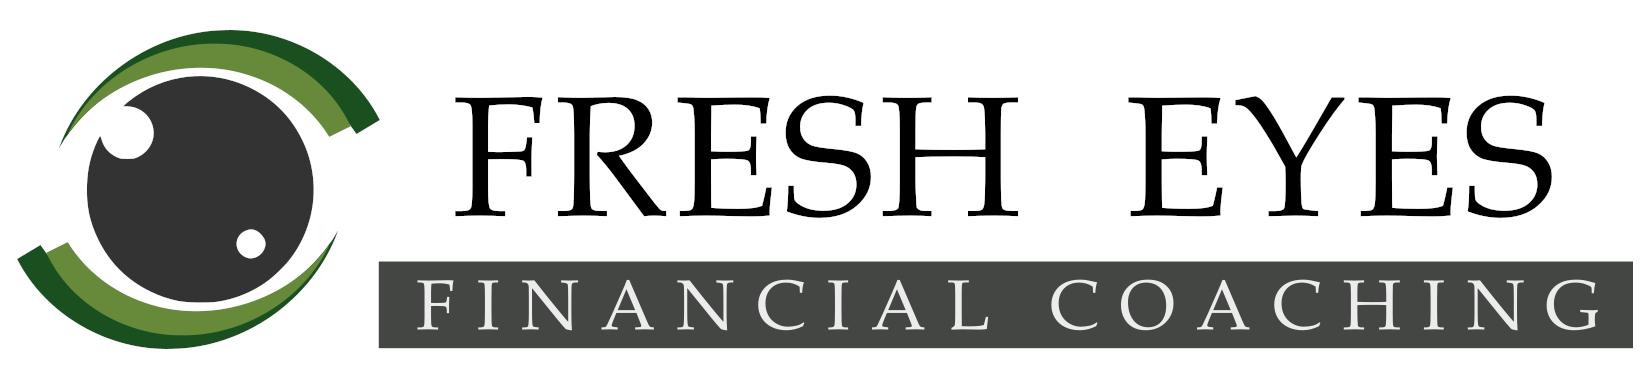 Fresh Eyes Financial Coaching